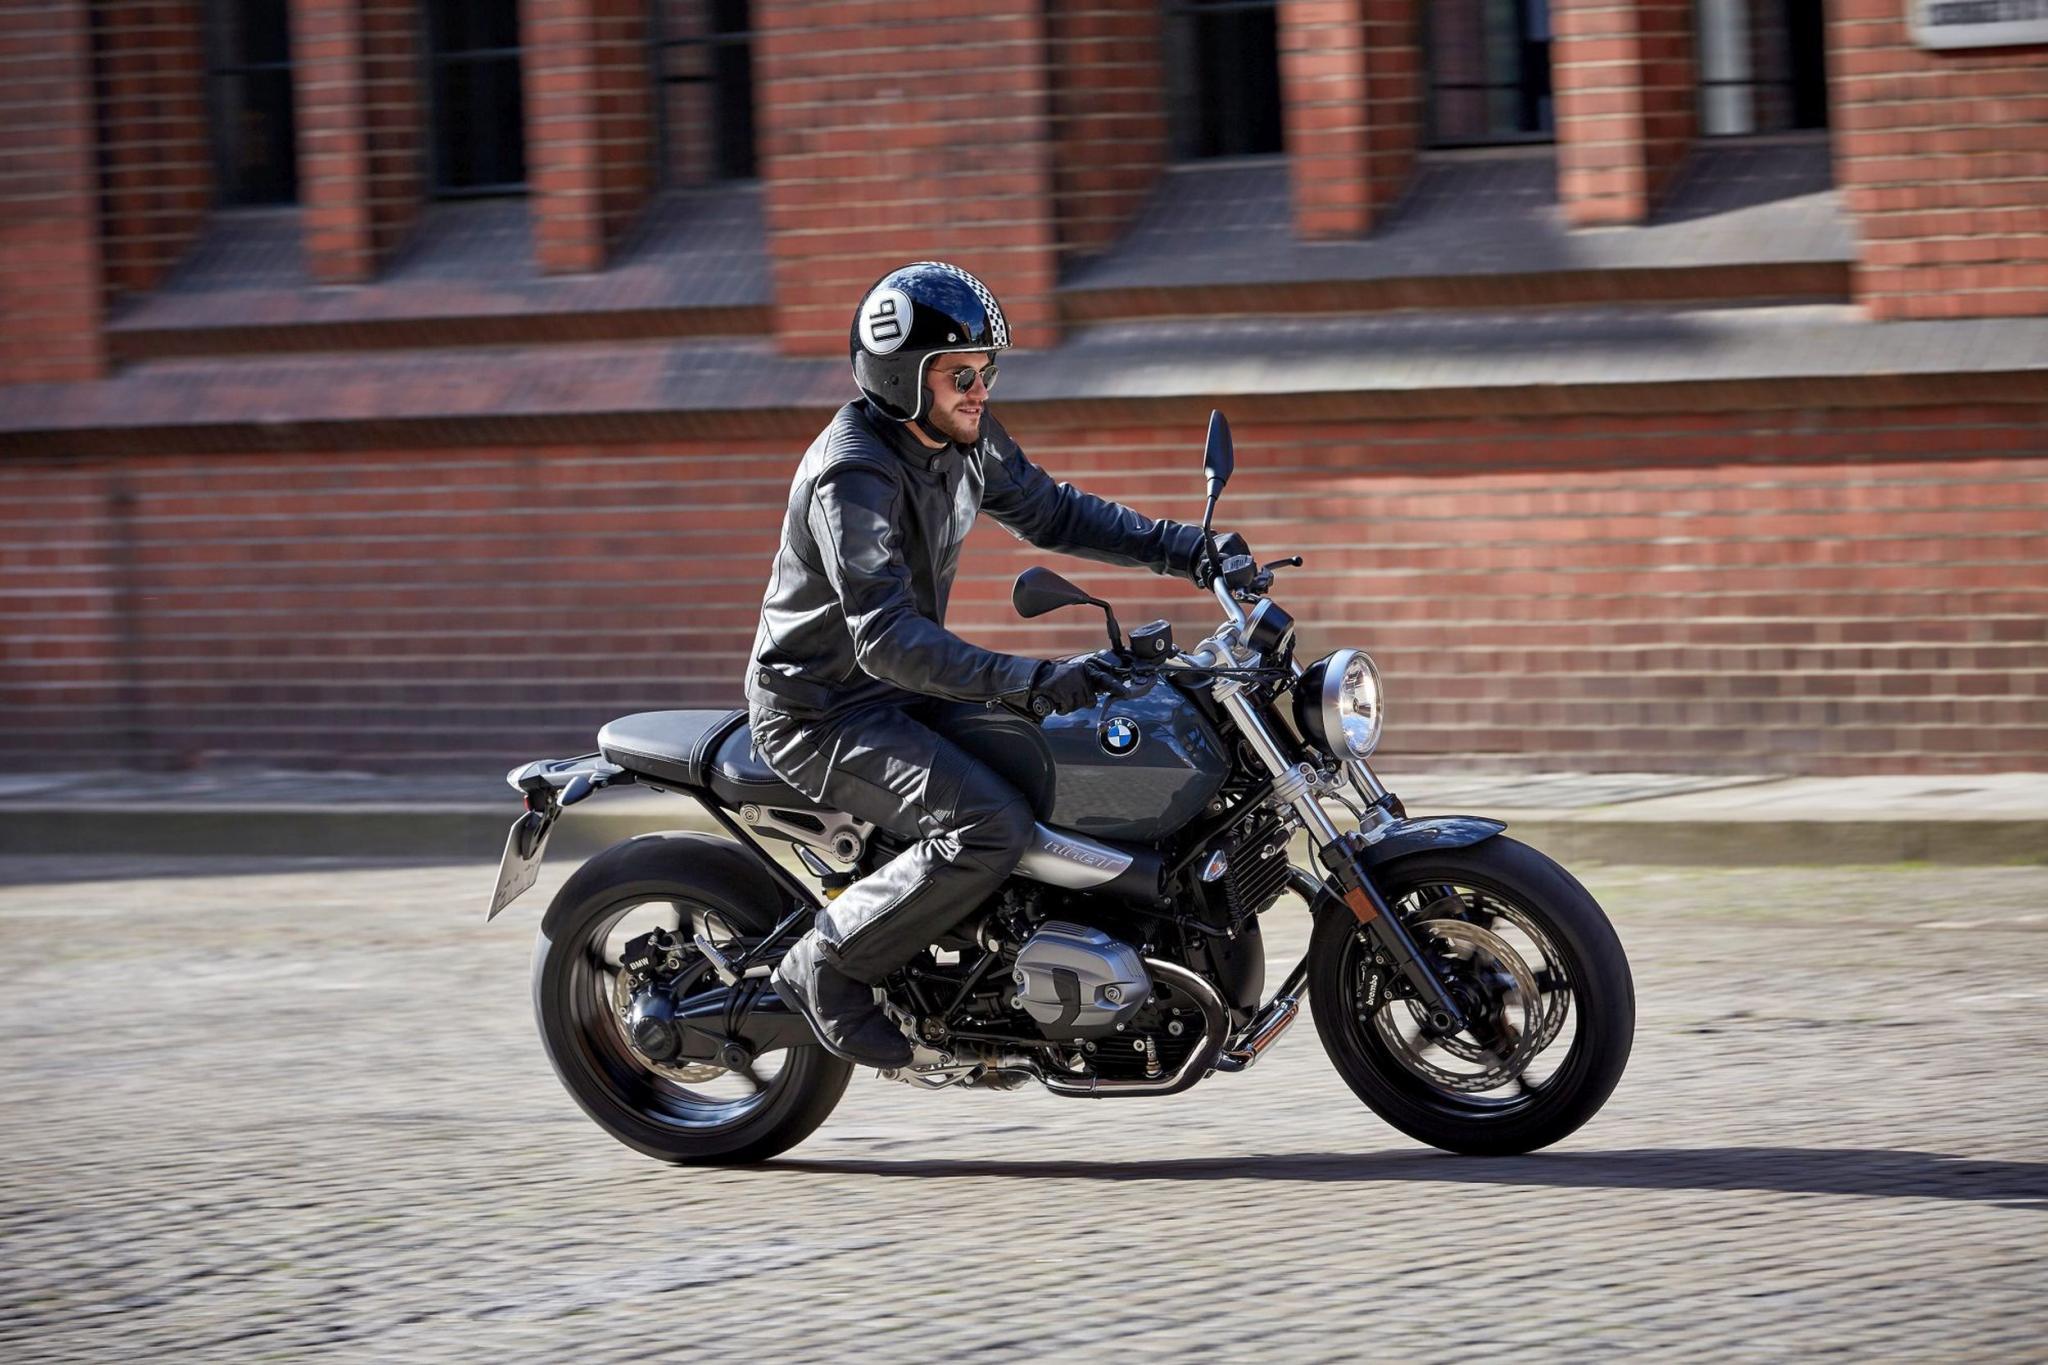 BMW R nineT Pure 2017 Motorrad Fotos & Motorrad Bilder